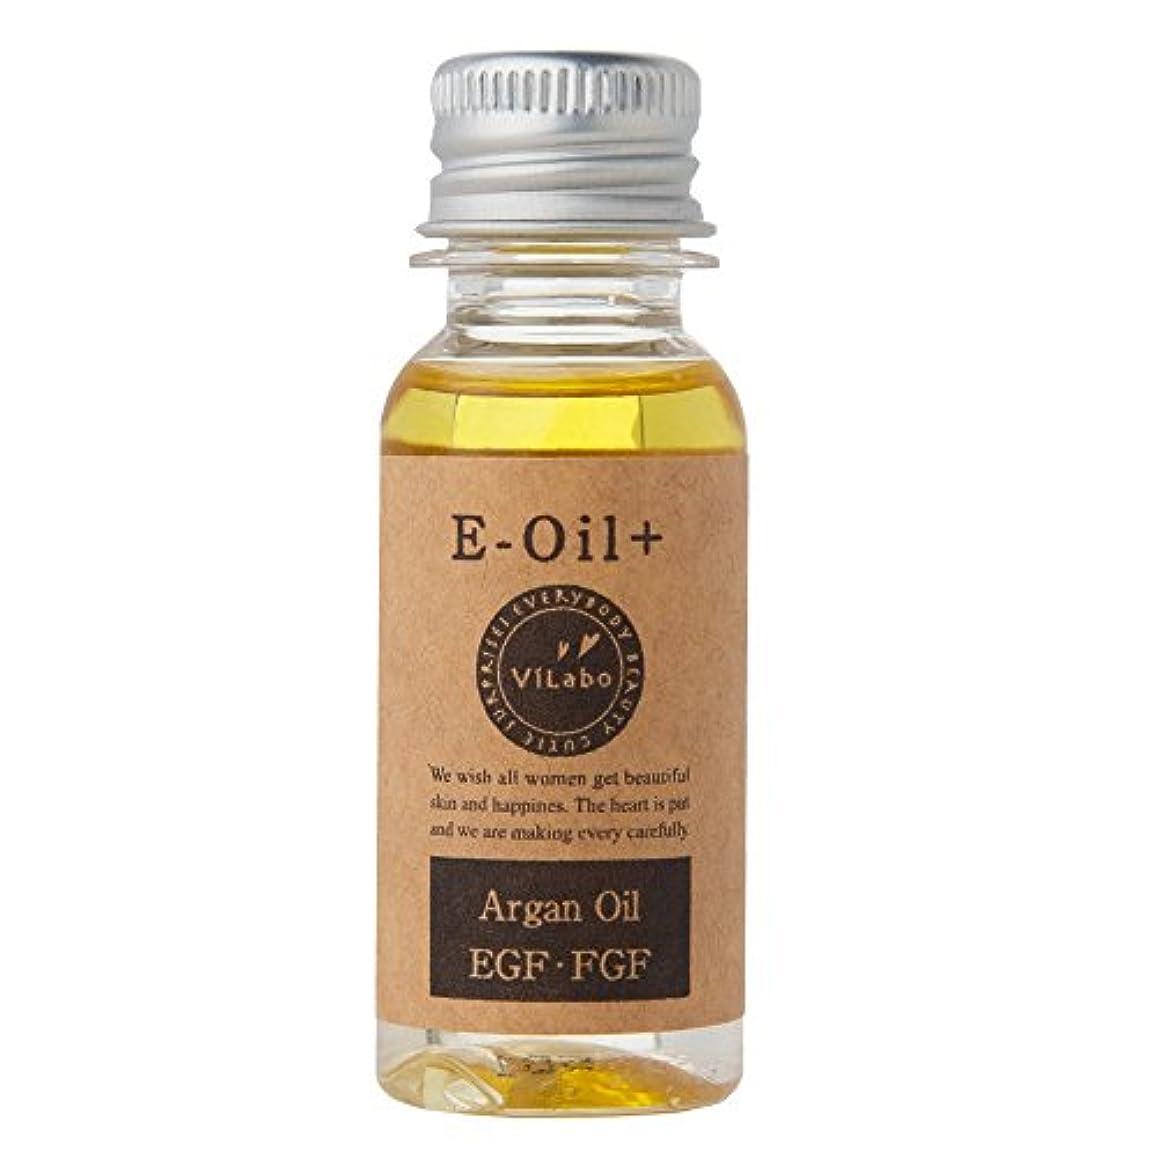 絶対にしっかり酸オーガニックアルガン+EGF?FGF原液30ml/E-Oil+(イーオイルプラス)AR/ オーガニック アルガンオイル 100%